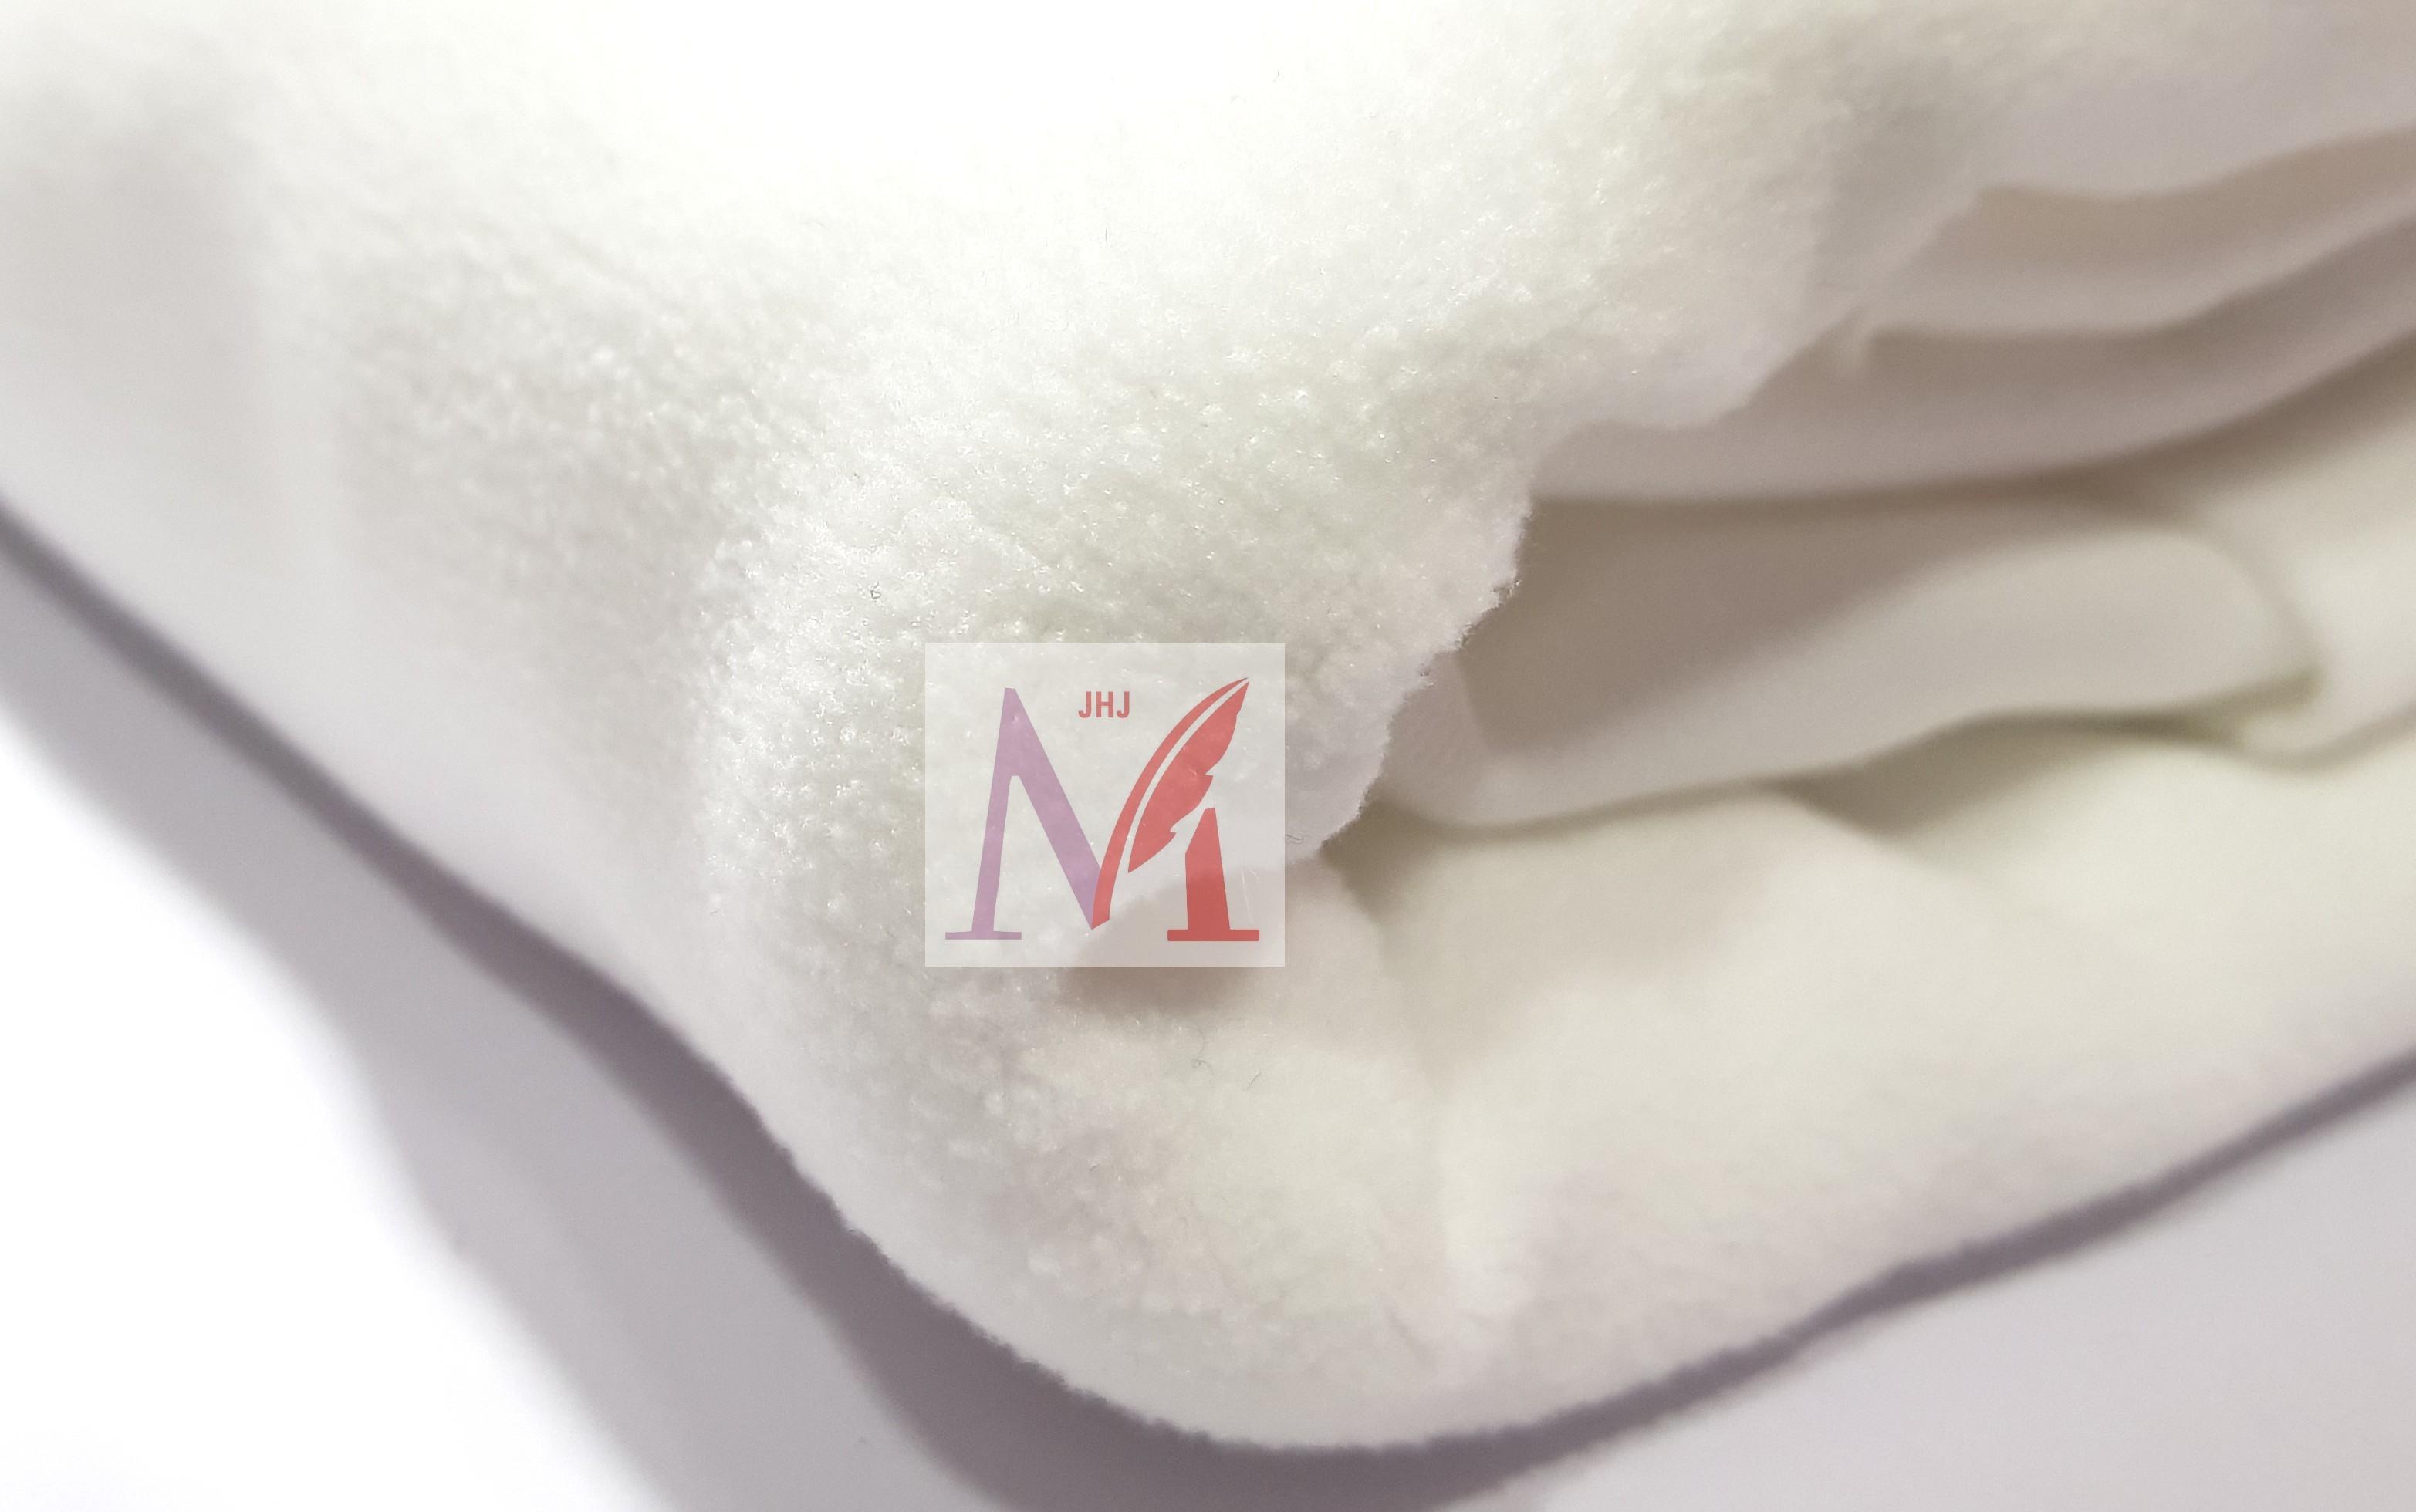 Suede Antipilling Fabric